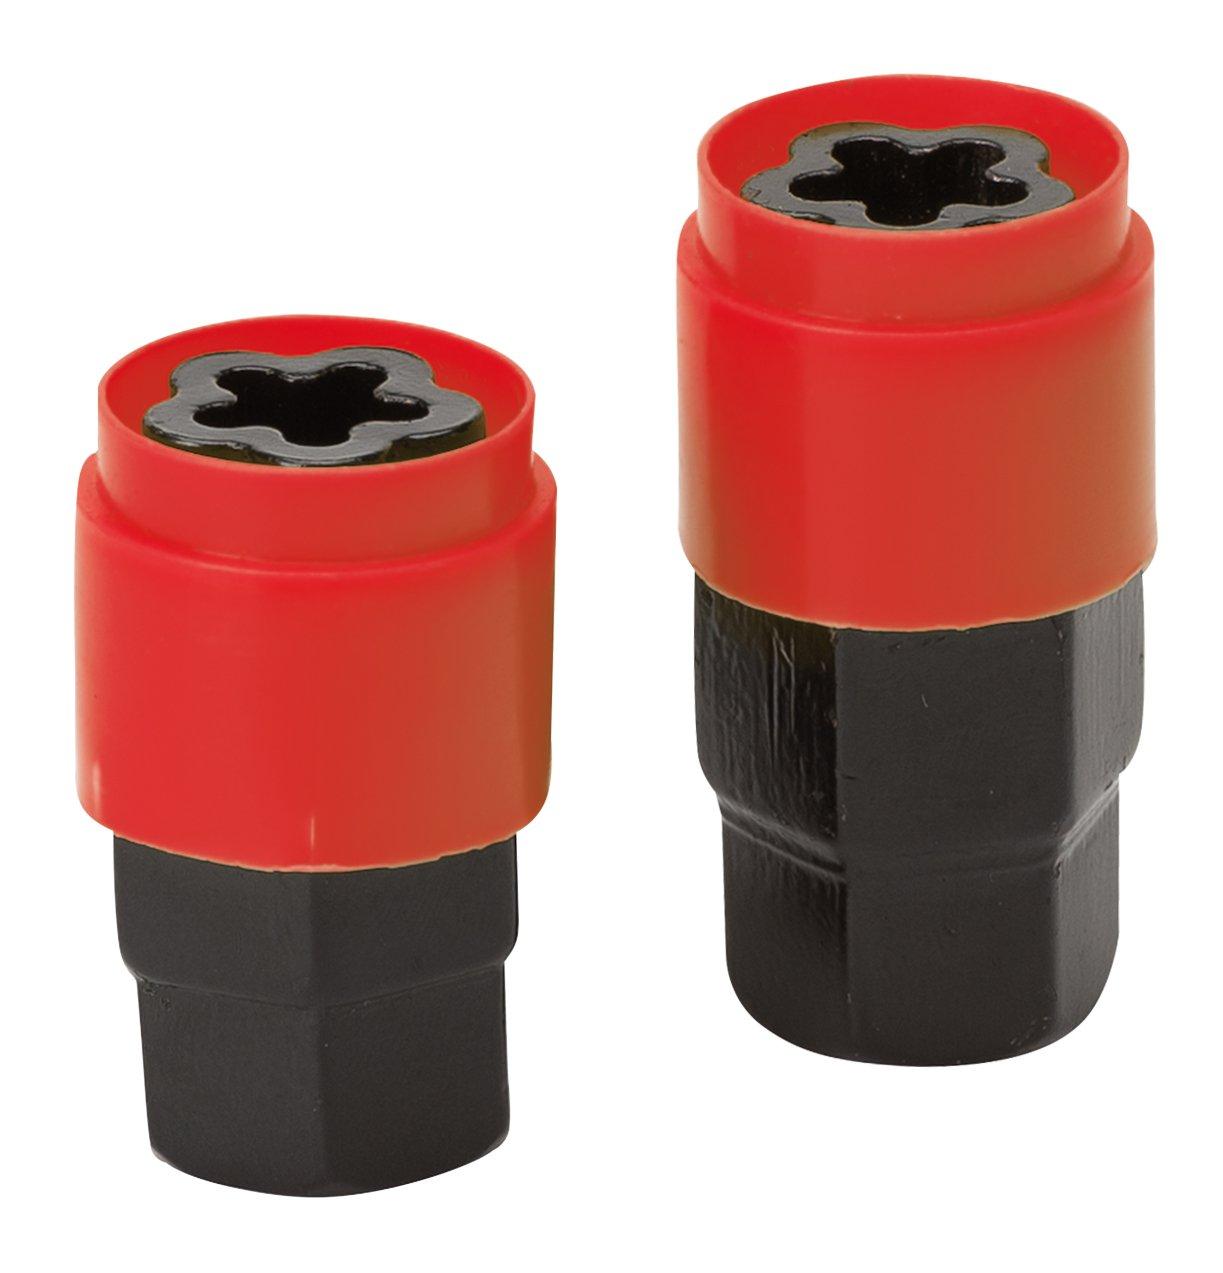 Tornillos BZA5026 12x1.50 L26 12 mm de di/ámetro Juego de cuatro tornillos antirrobo de gran calidad para llantas Con dos llaves o vasos Encuentra los que necesitas por modelo de coche en las descripciones. 1.50 de paso de rosca, Forma de flor